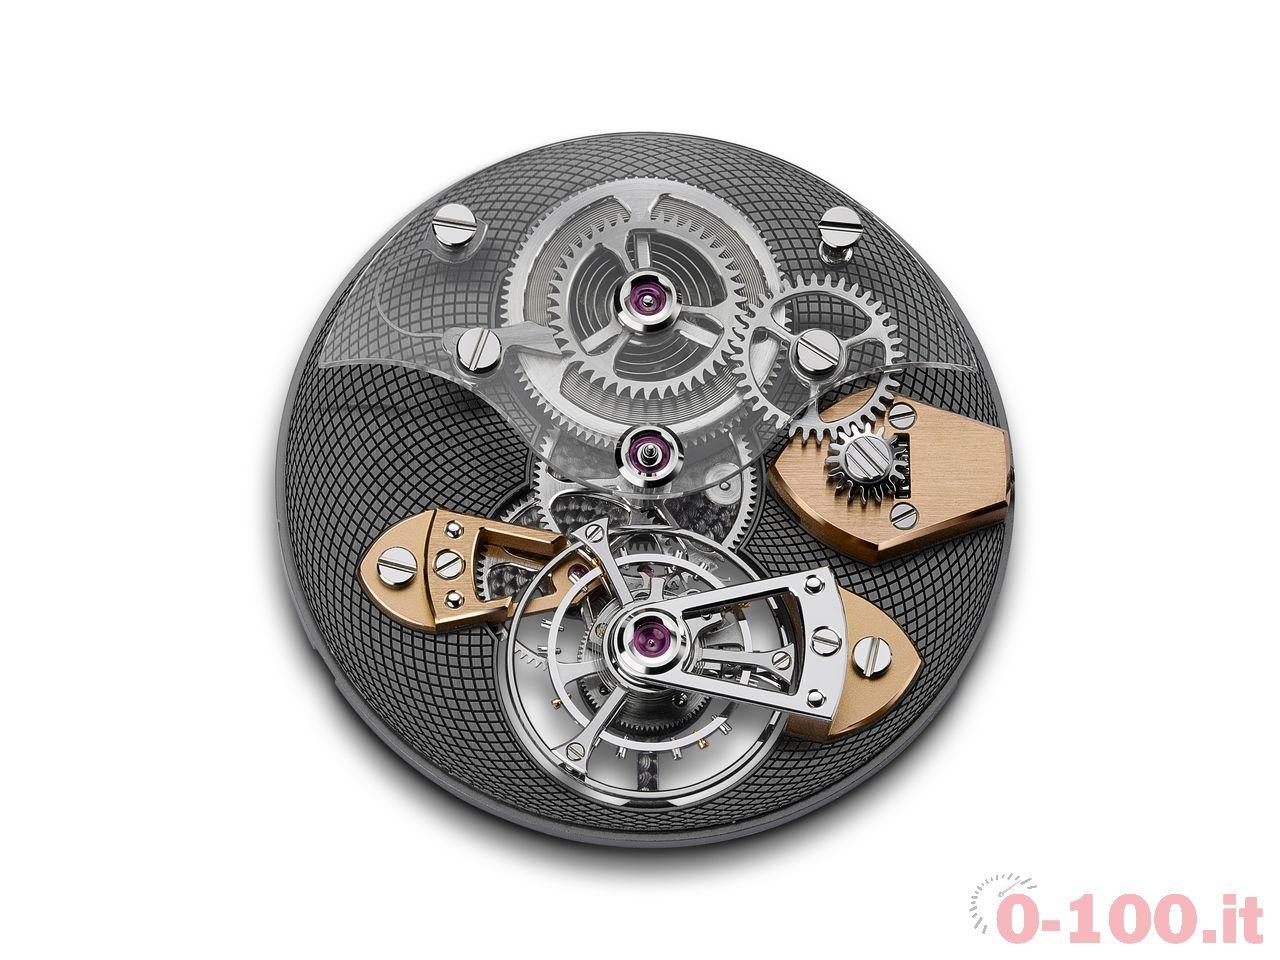 arnold-son-tes-tourbillon-ref-1sjar-v01a-c112a-royal-collection-prezzo-price_0-1006